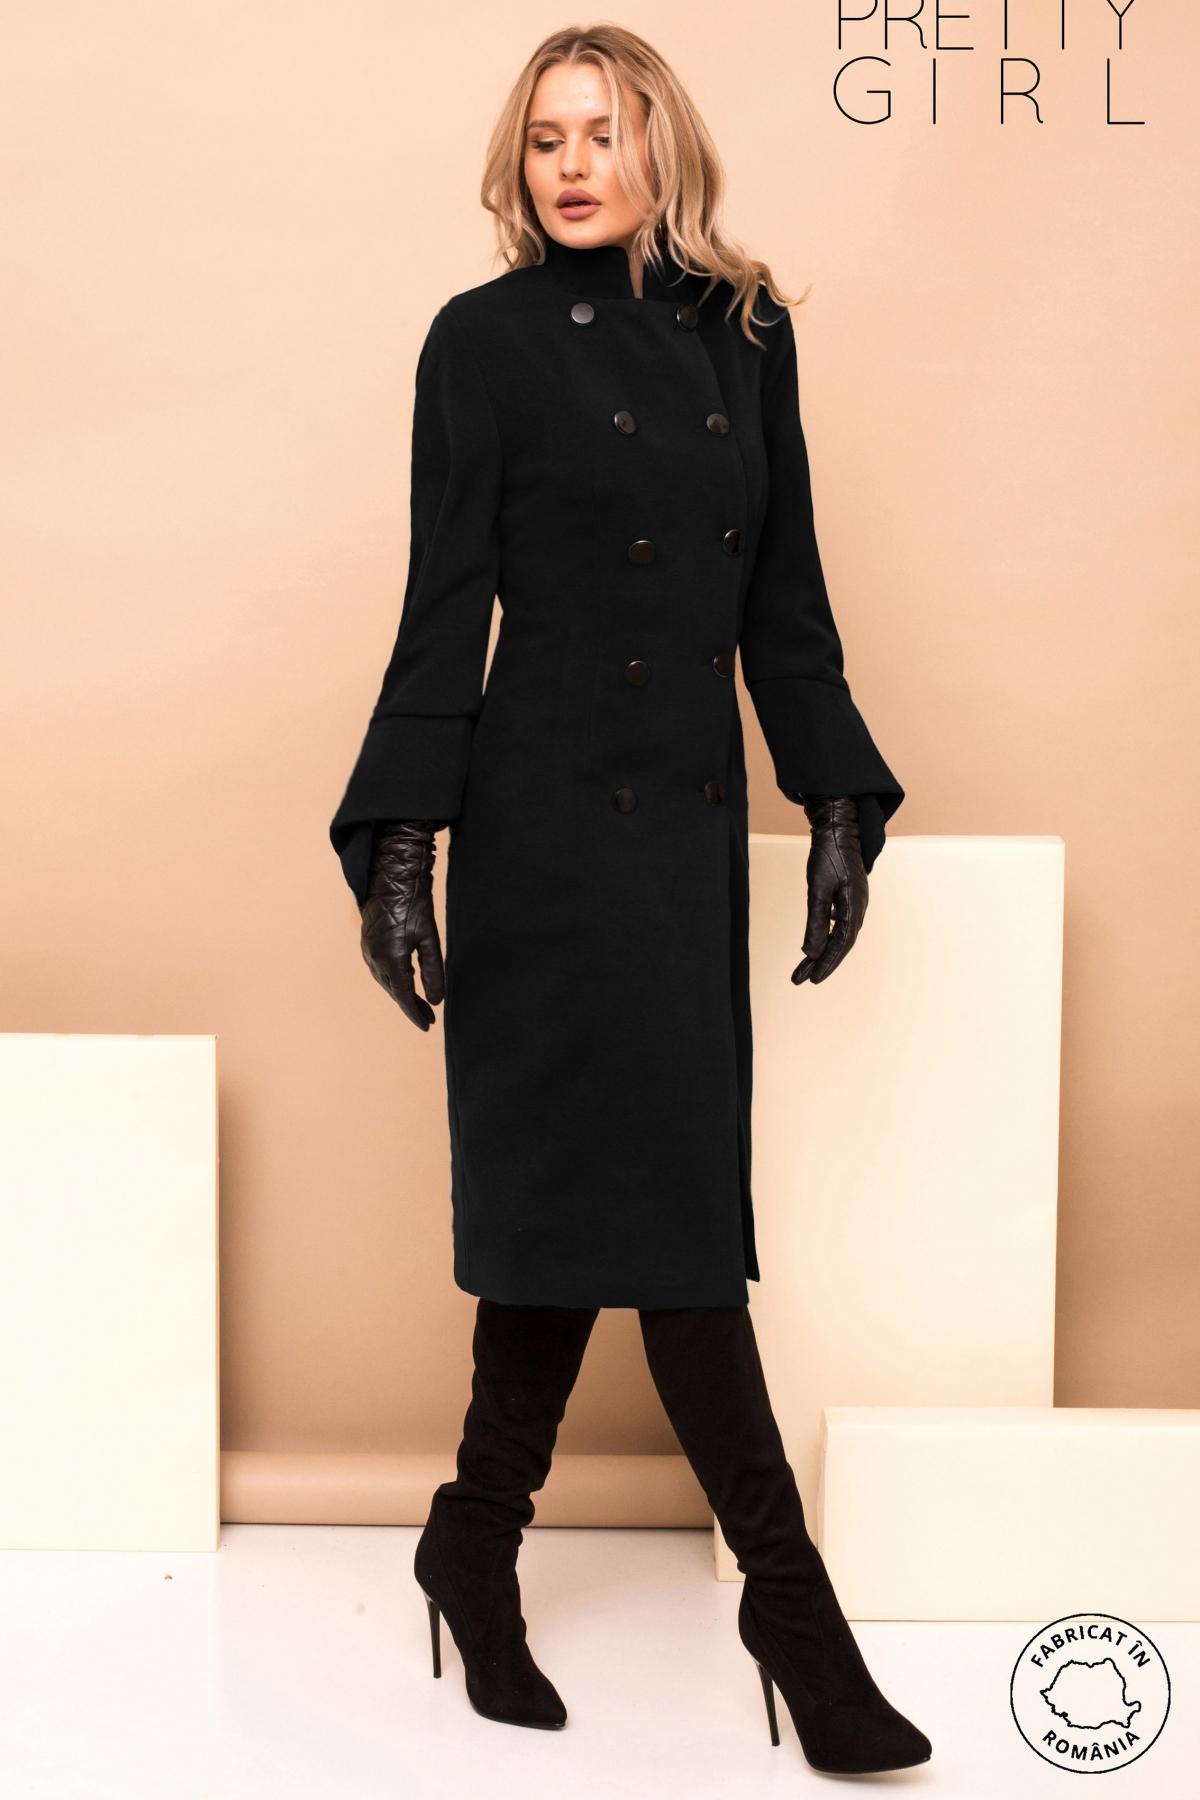 Palton dama Pretty Girl negru cu maneca evazata si guler tip tunica